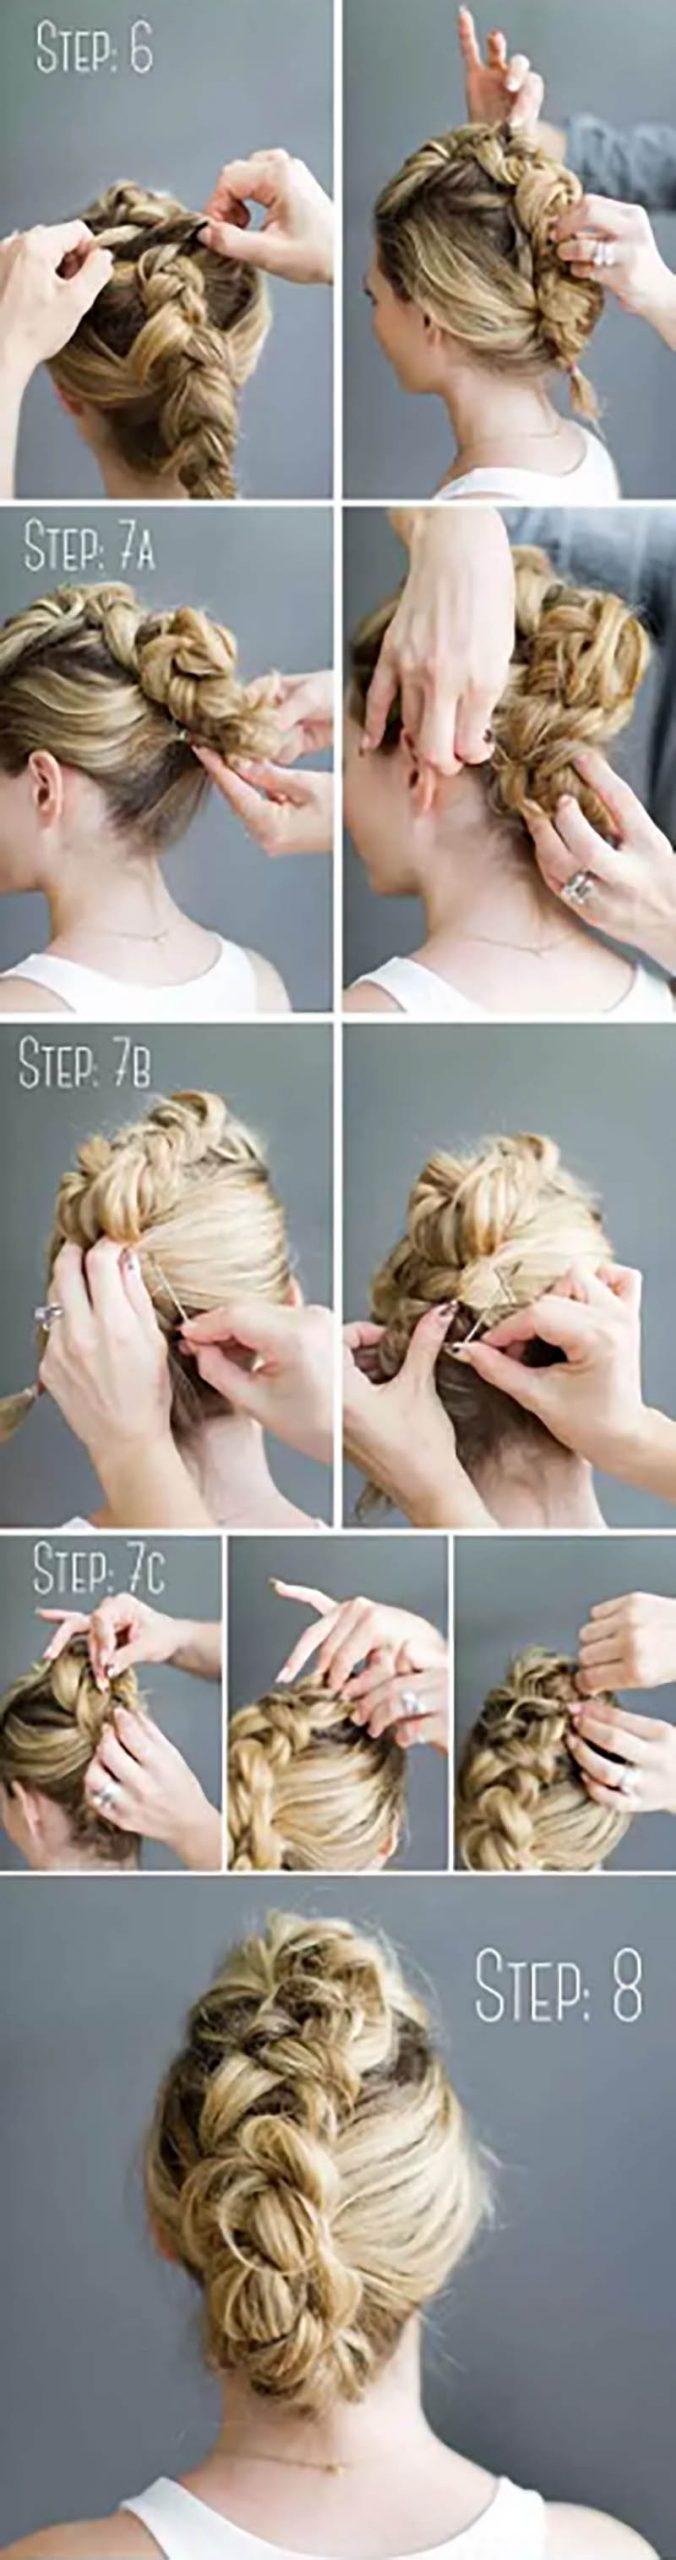 Búi tóc kiểu Mohican và tết kiểu Hà Lan đơn giản